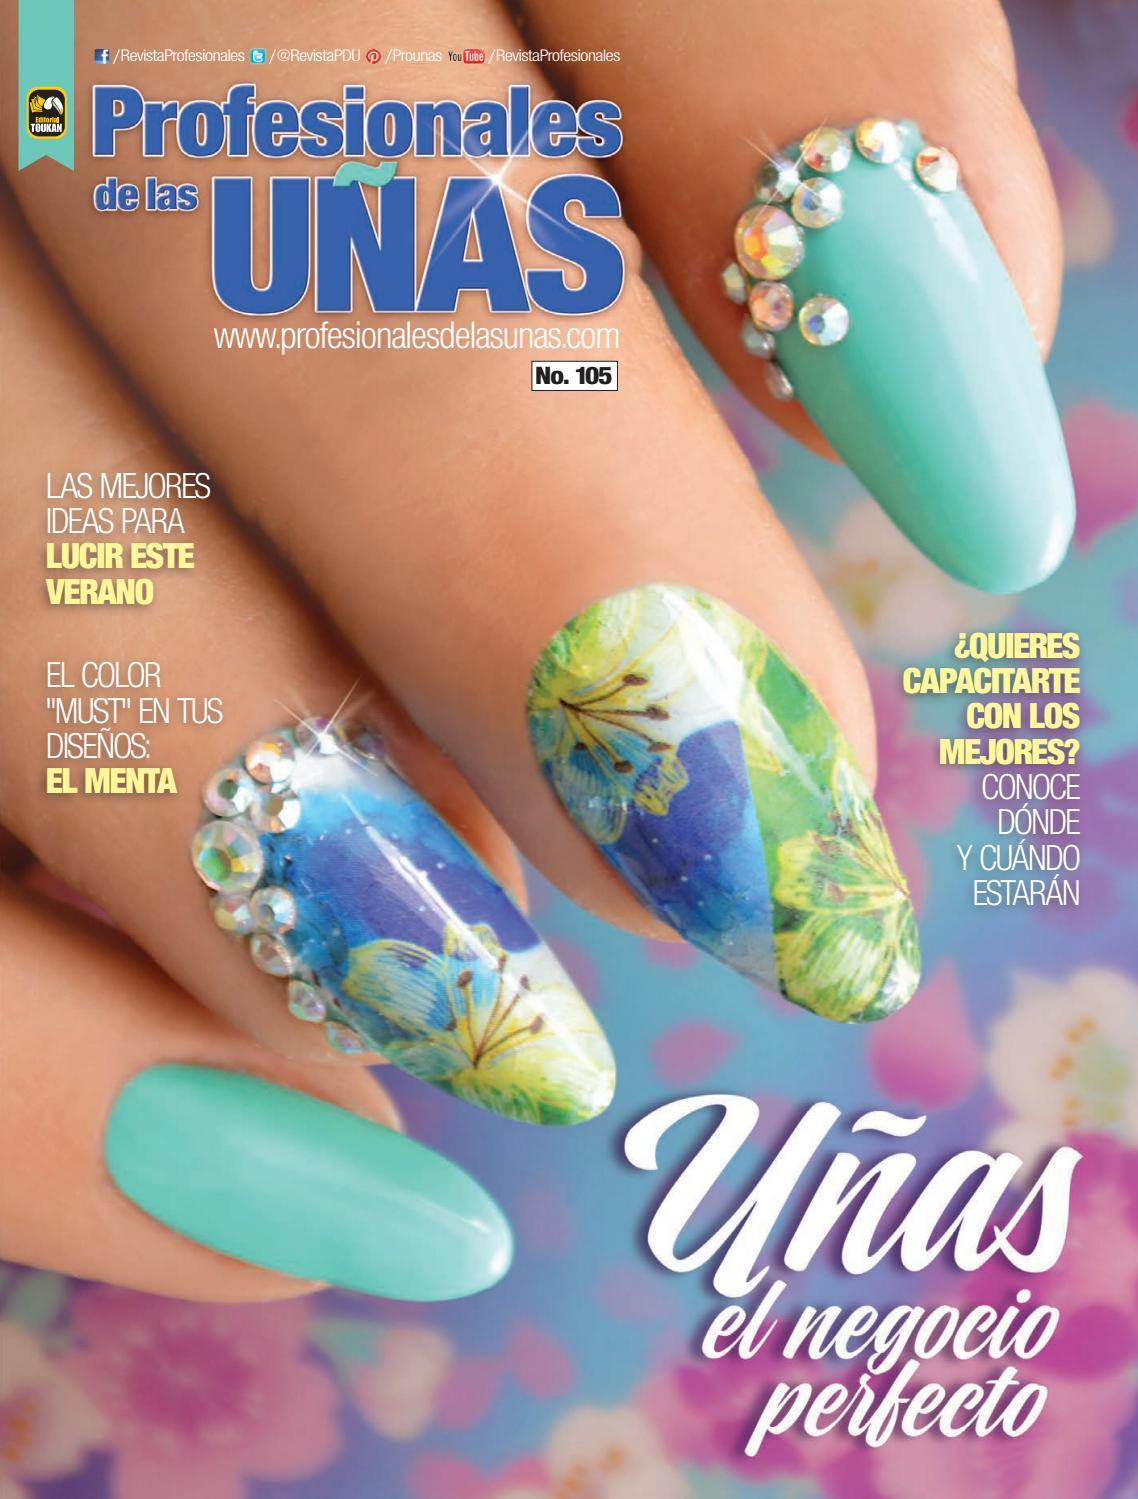 Profesionales de las unas No. 105 by Jaime Flores - issuu